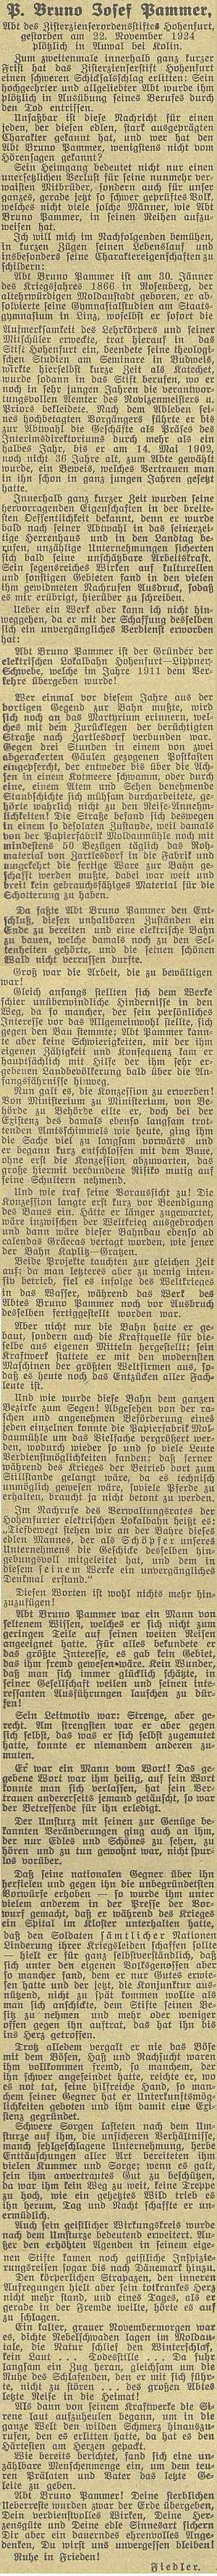 Obsáhlý nekrolog od Adolfa Fiedlera v témže periodiku